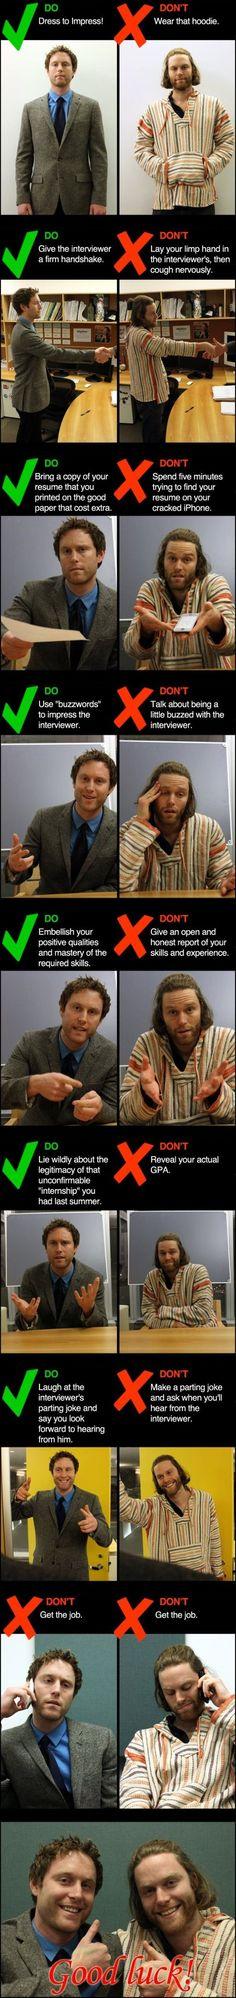 Job Interview Etiquette Tips